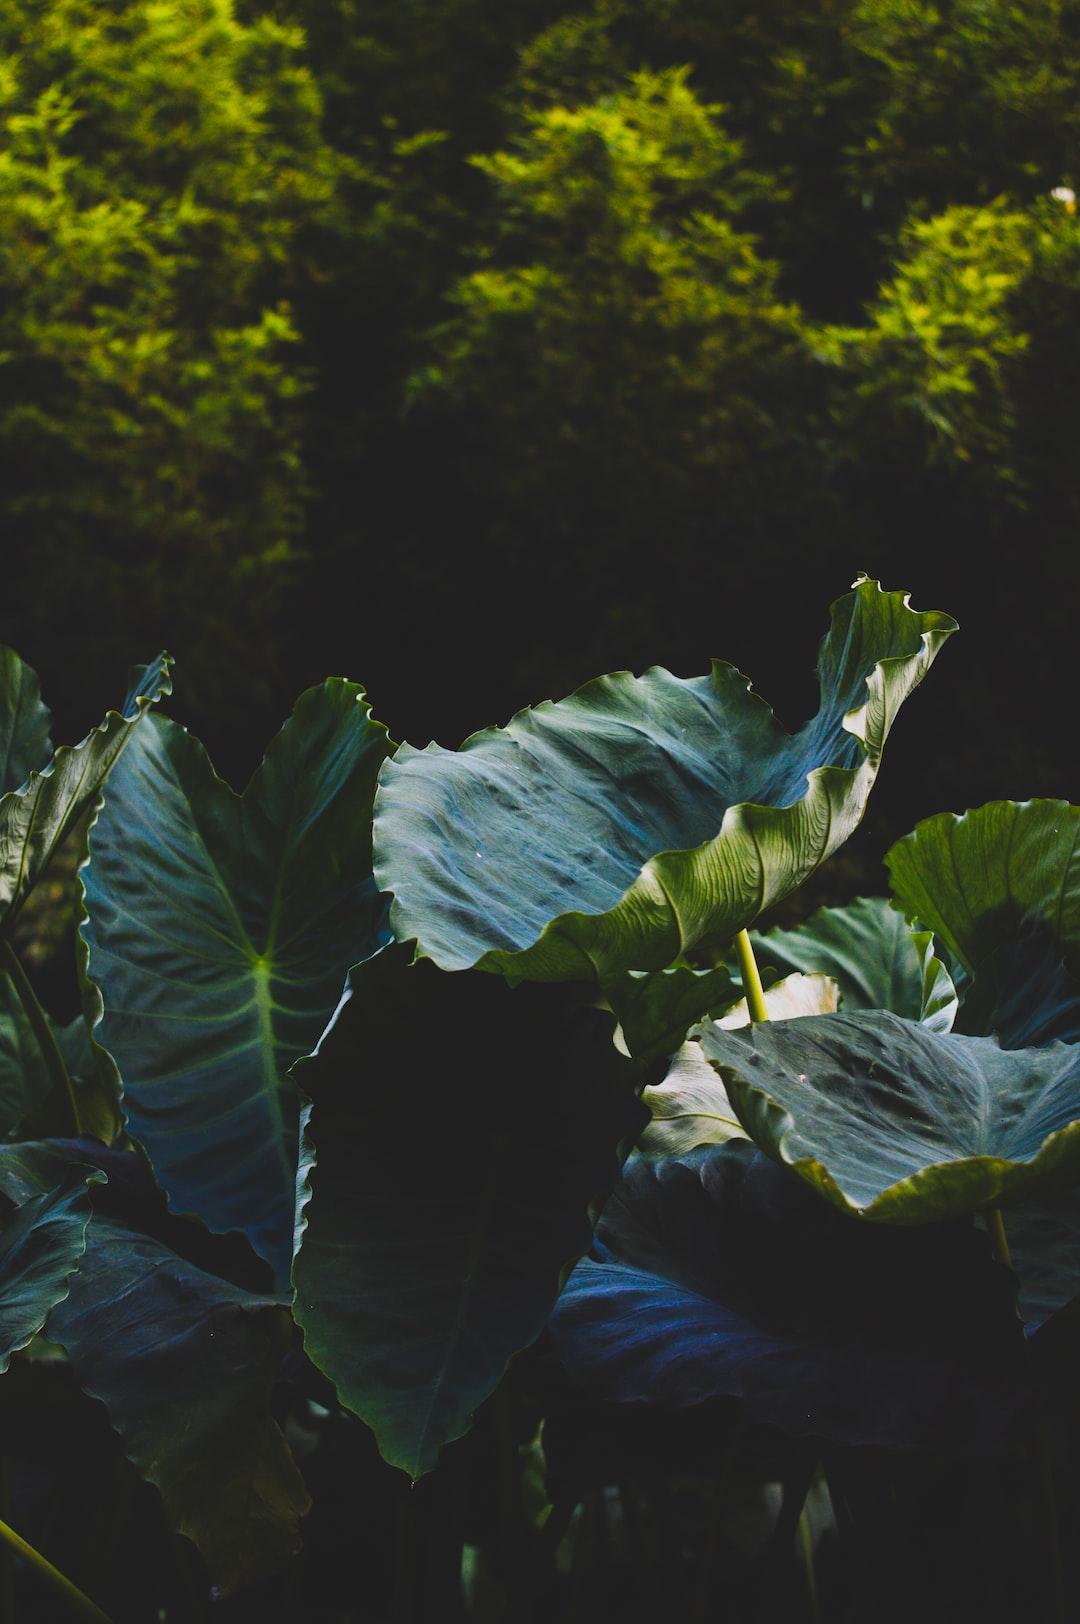 Taro plant - Folha de Inhame